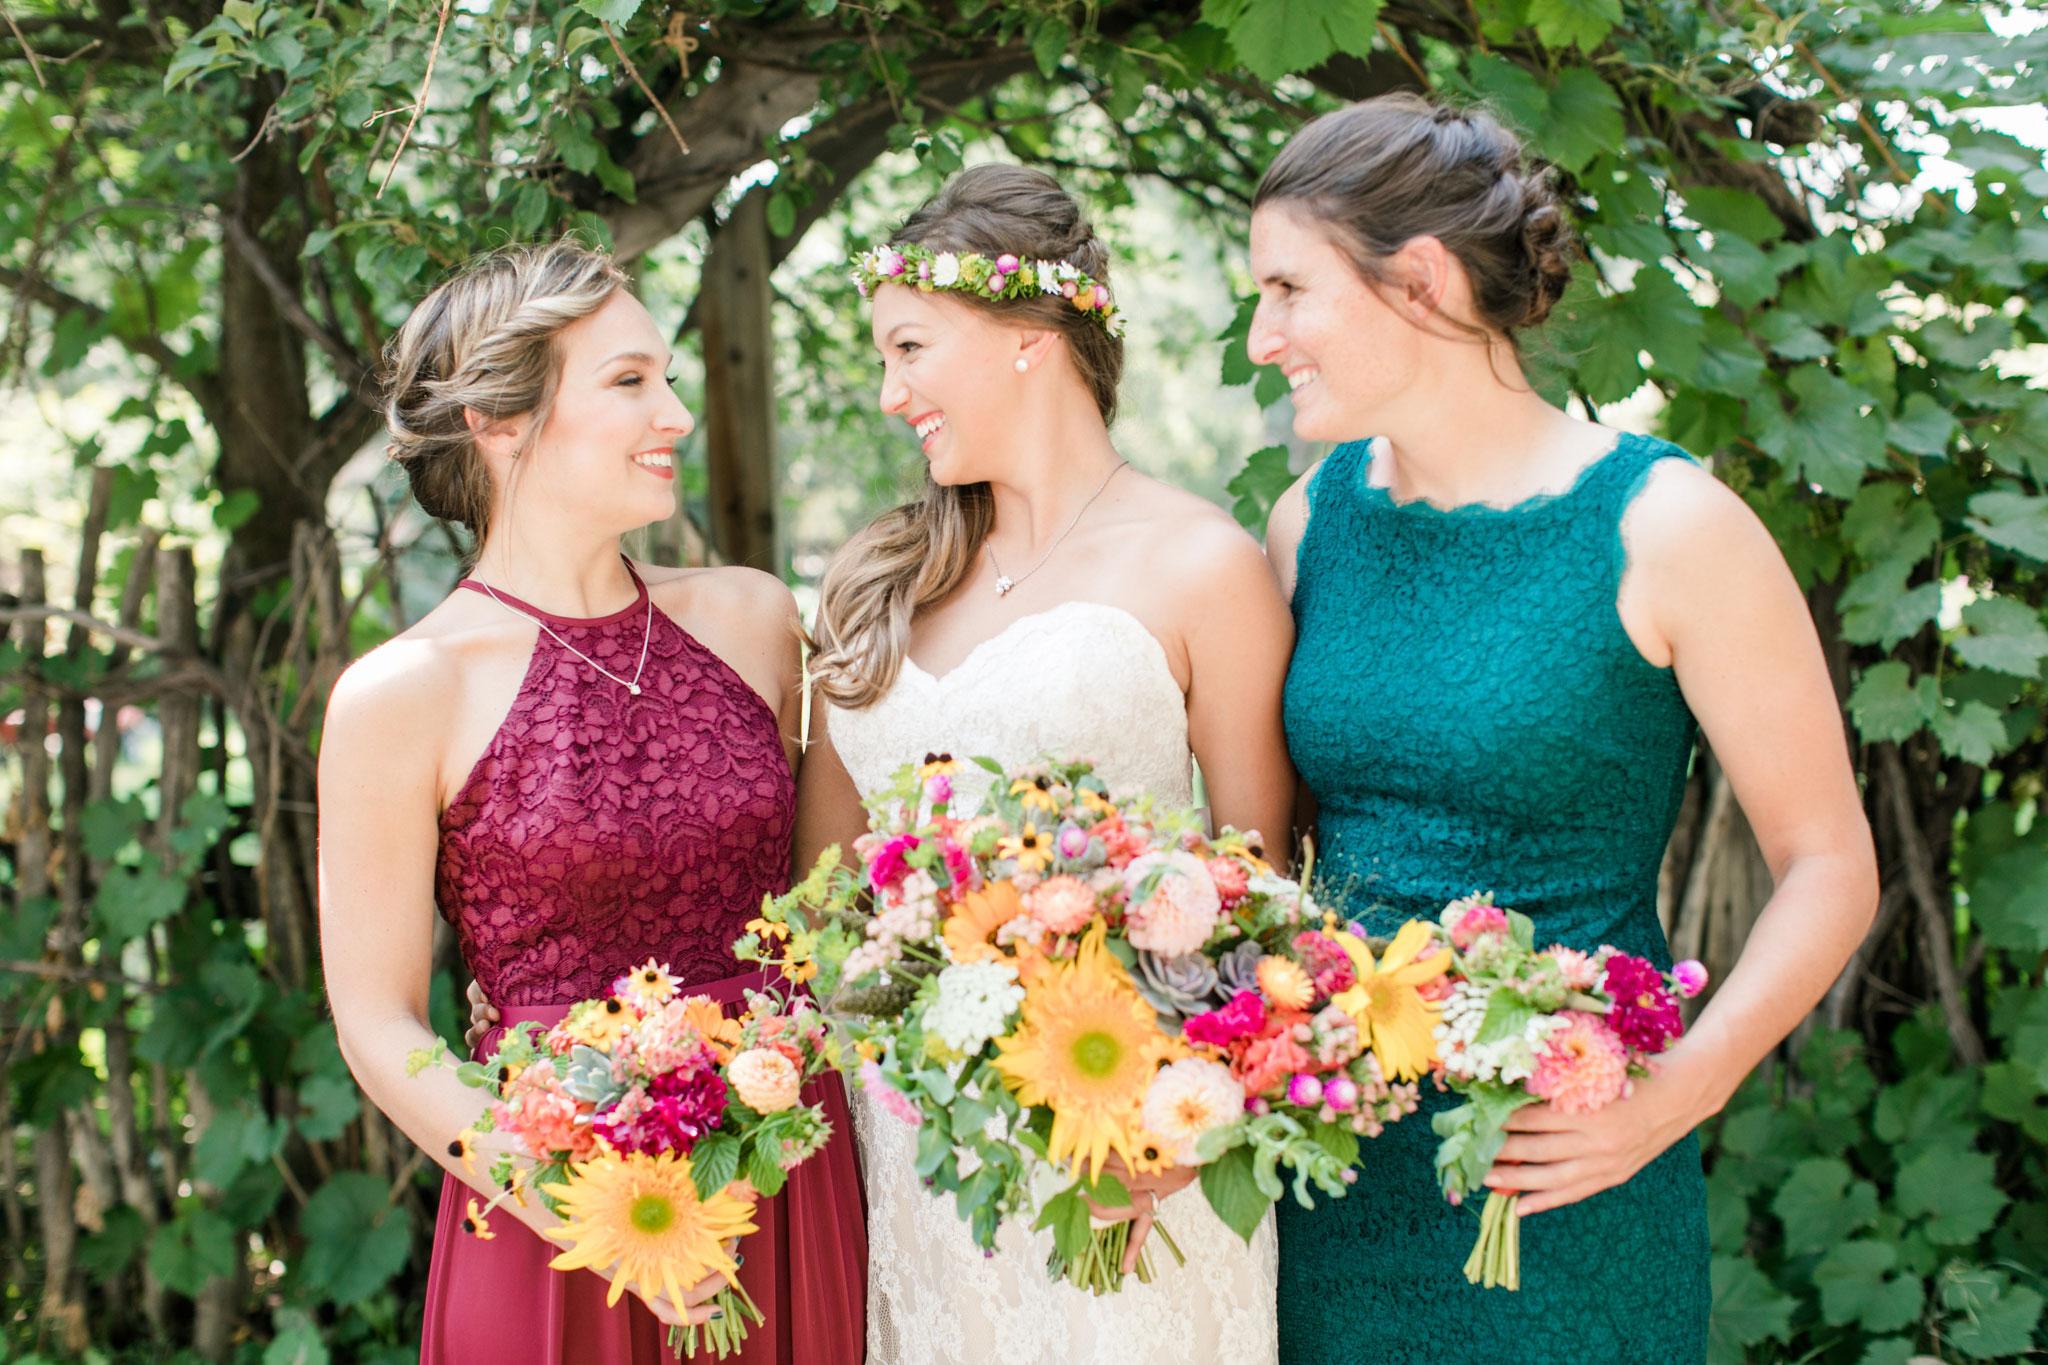 Bridesmaids | A Boho Garden Wedding in Colorado